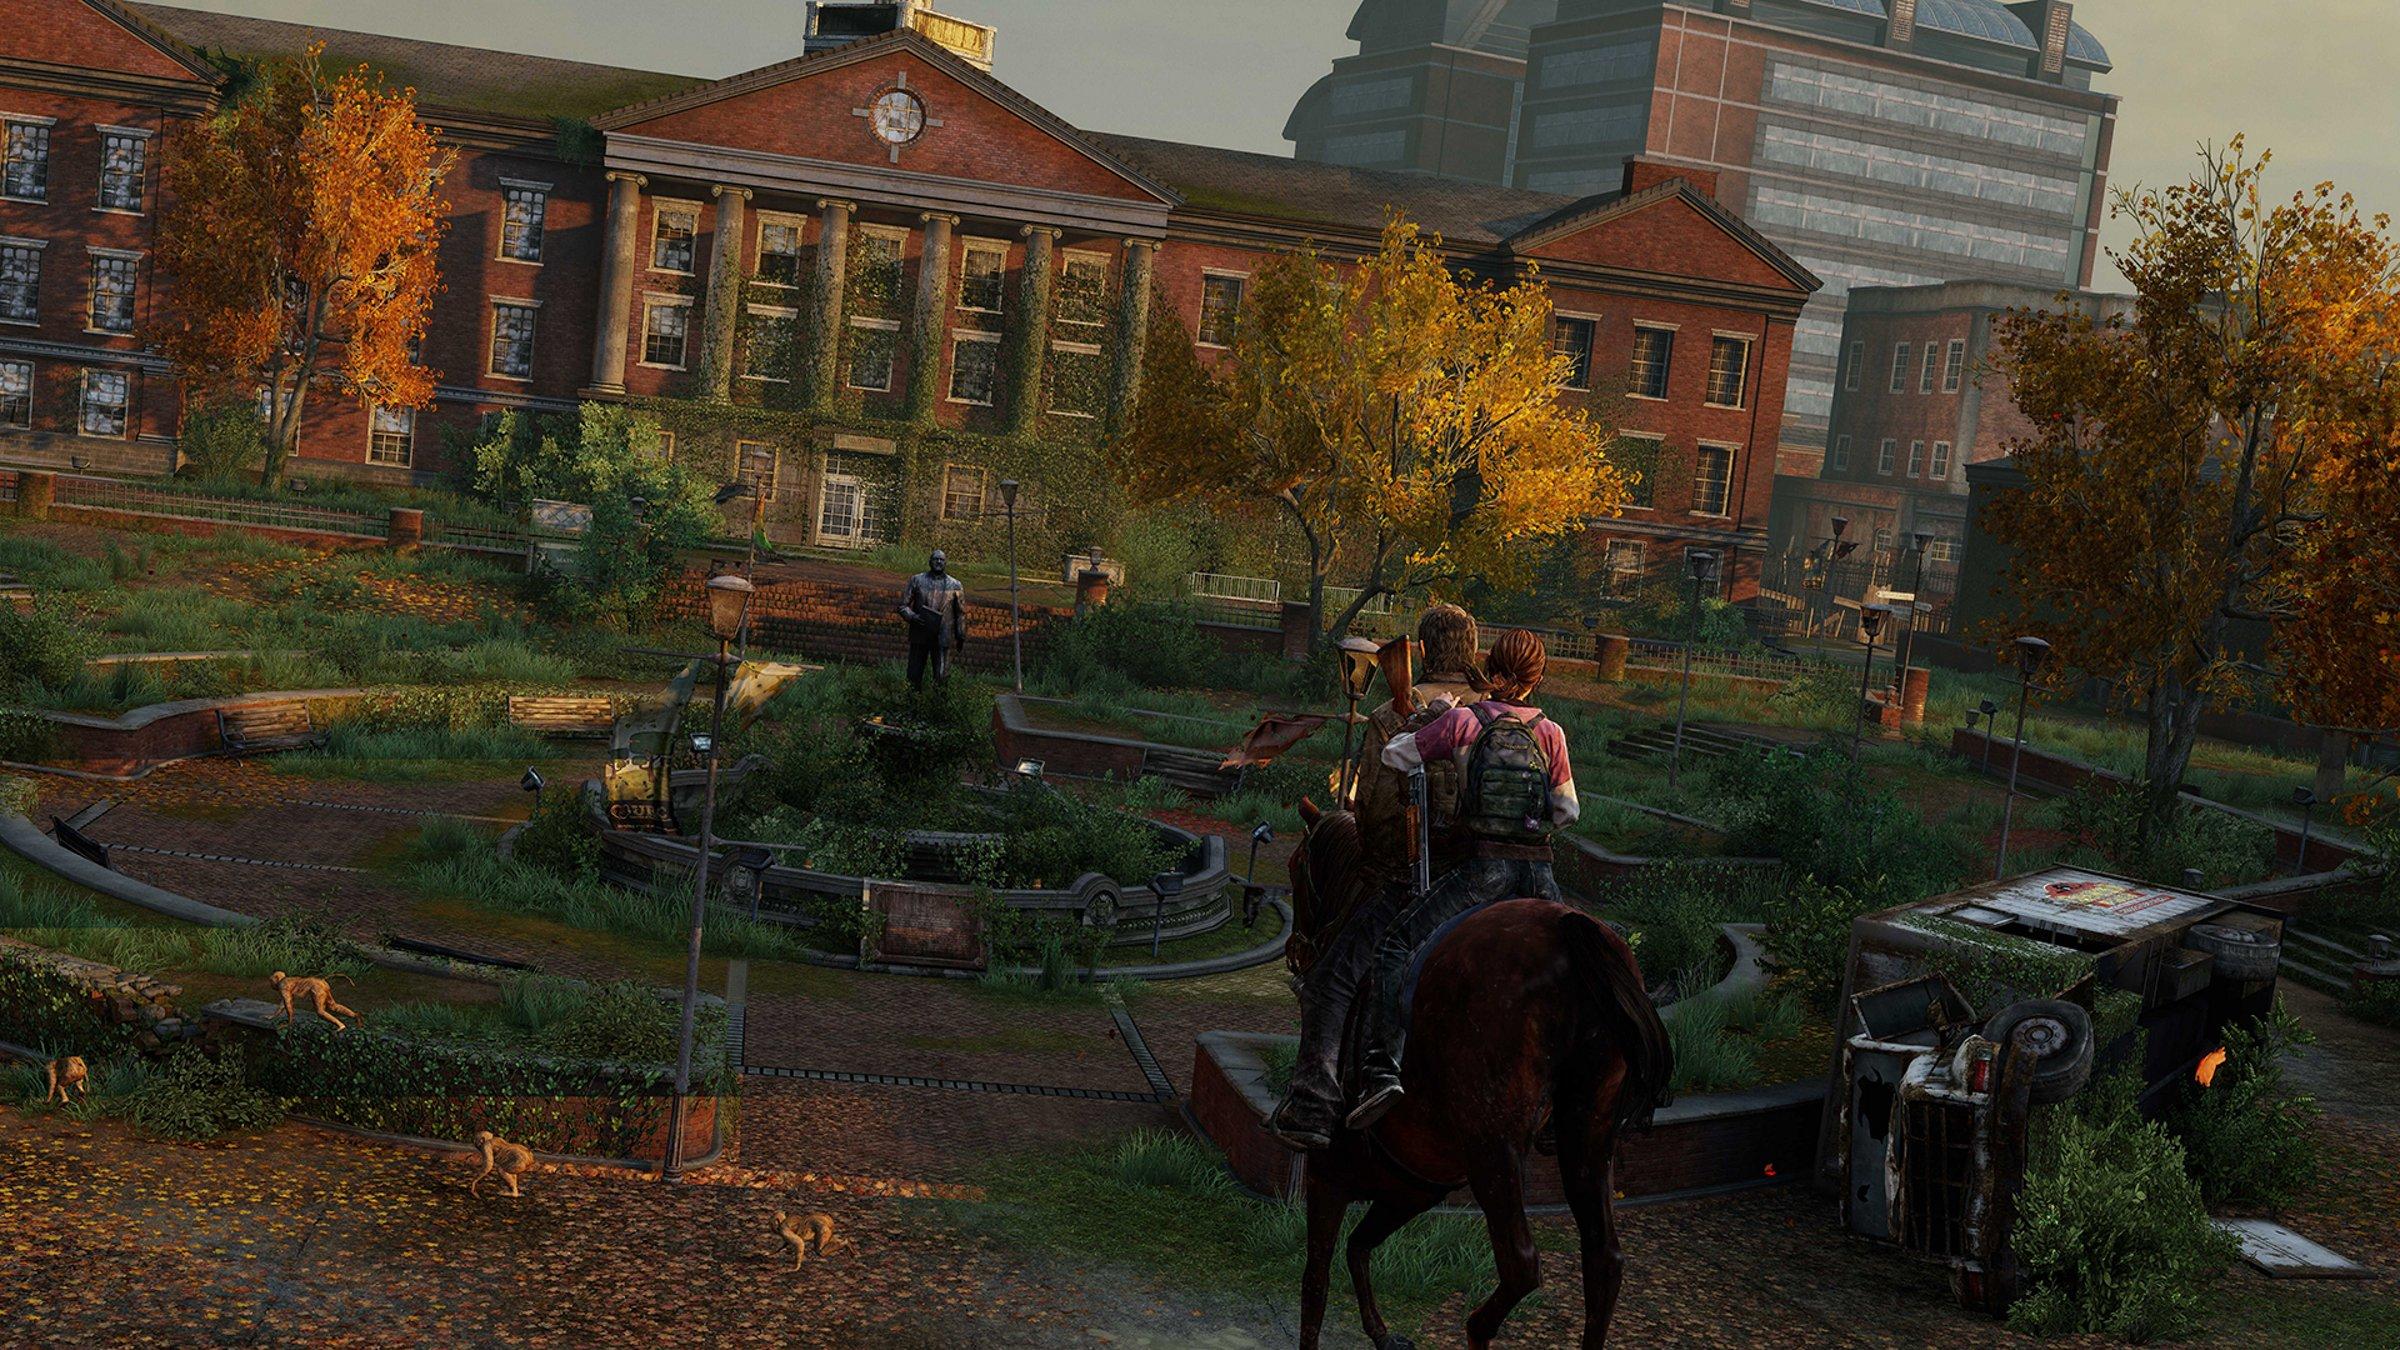 Príbeh The Last of Us sleduje ostrieľaného preživšieho Joela a mladú dievčinu Ellie.